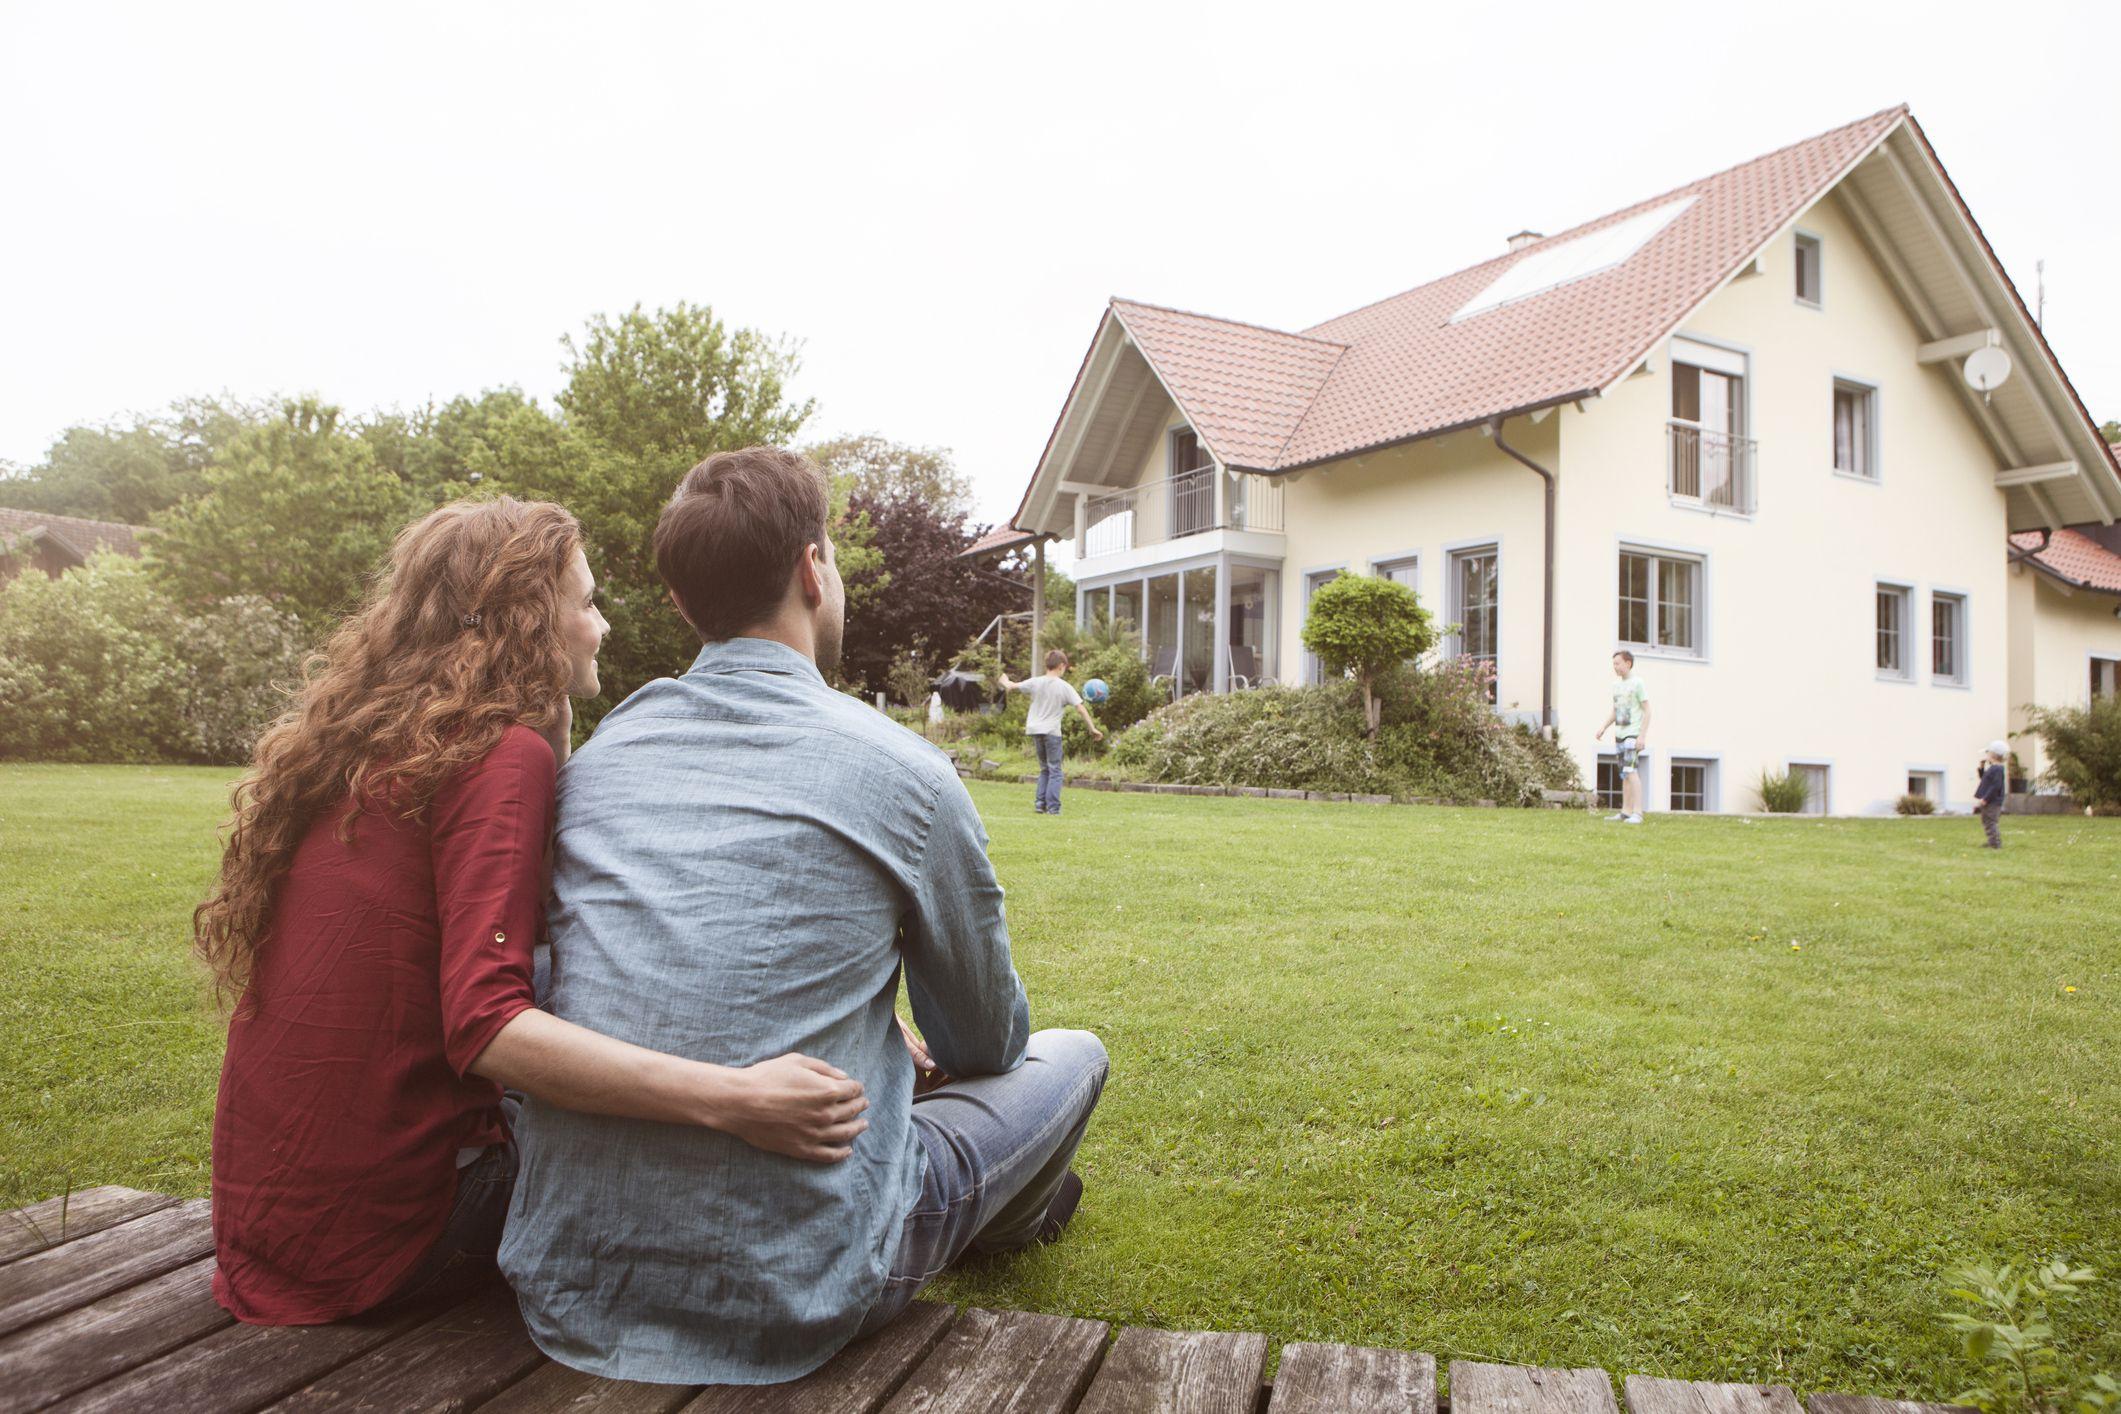 Czy kredyt hipoteczny wycisza karierę?